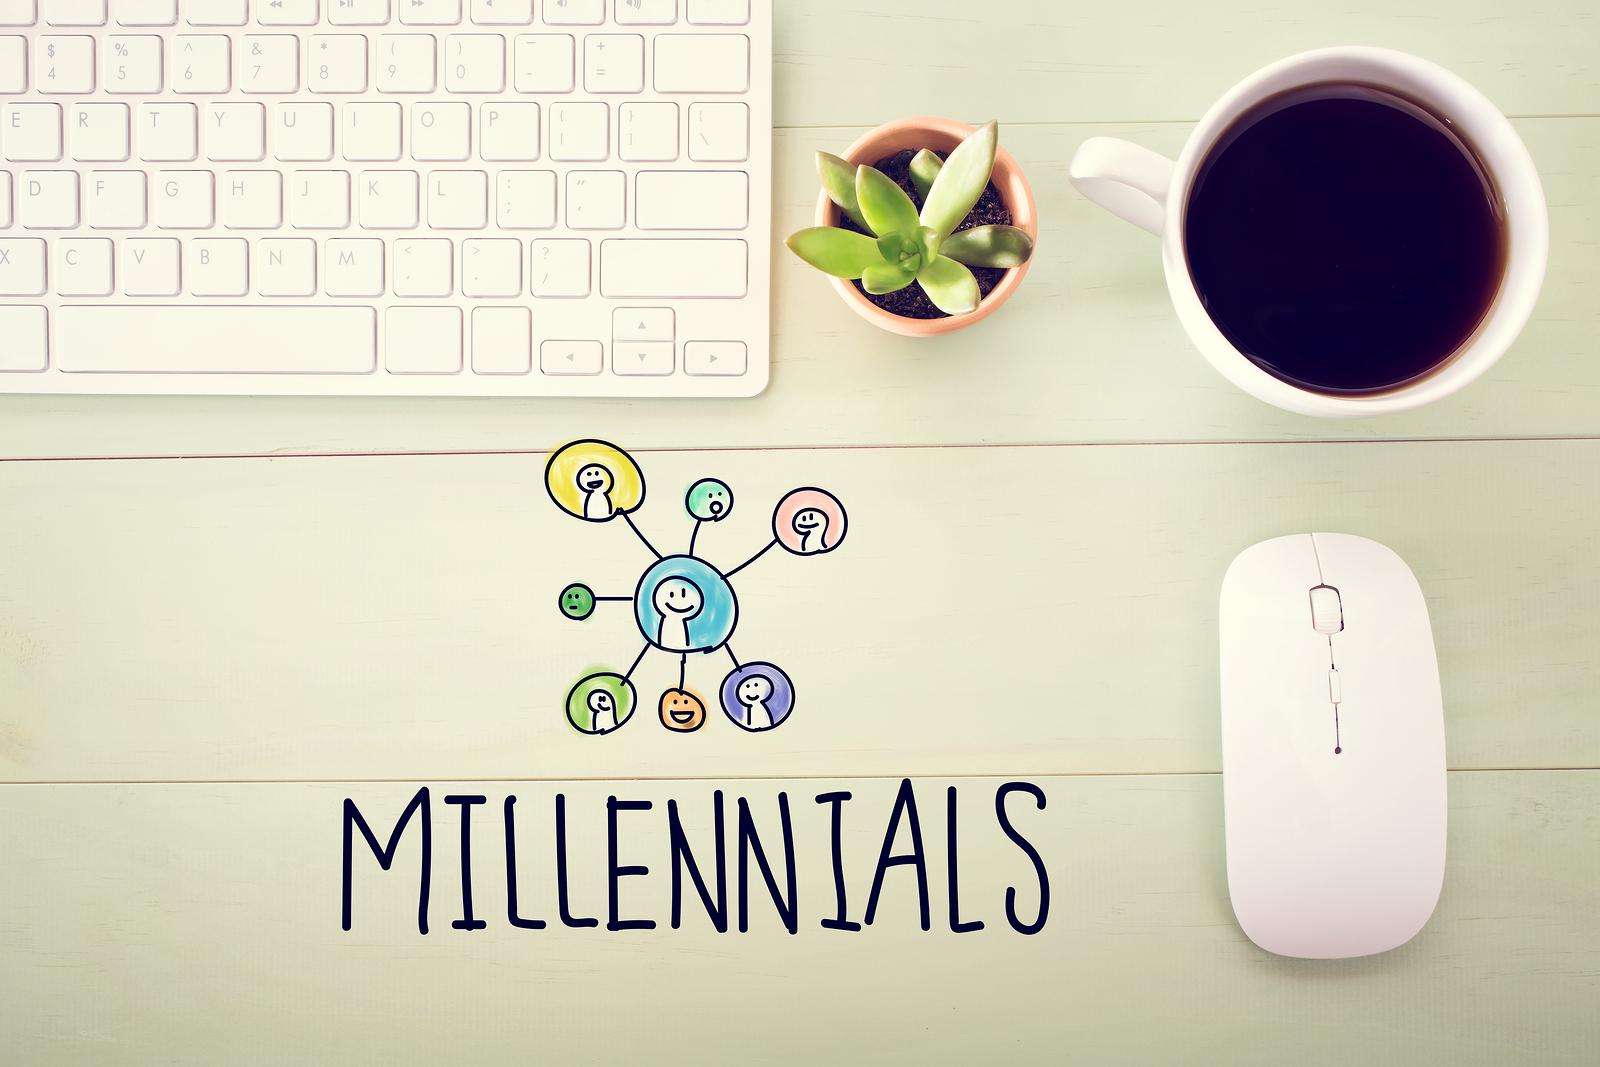 Millennials Concept